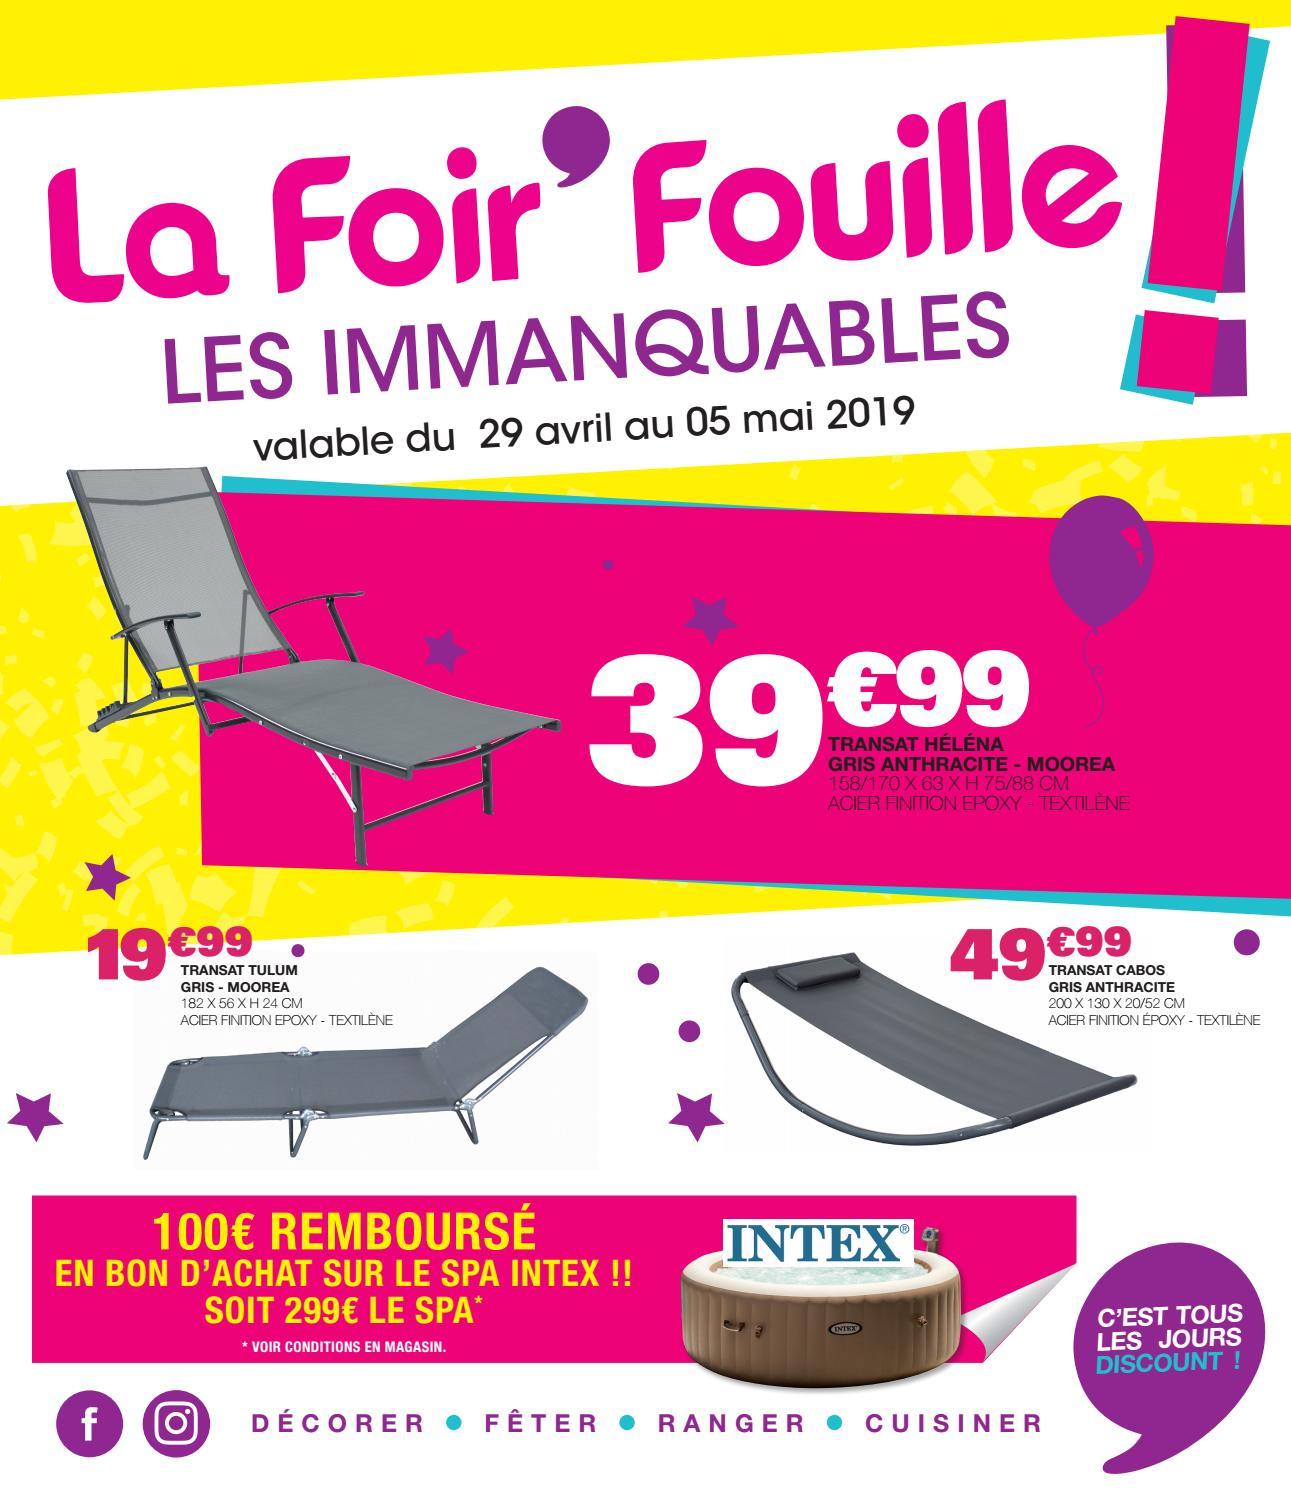 Catalogue Les Immanquables Mai 2019 By La Foir Fouille Issuu